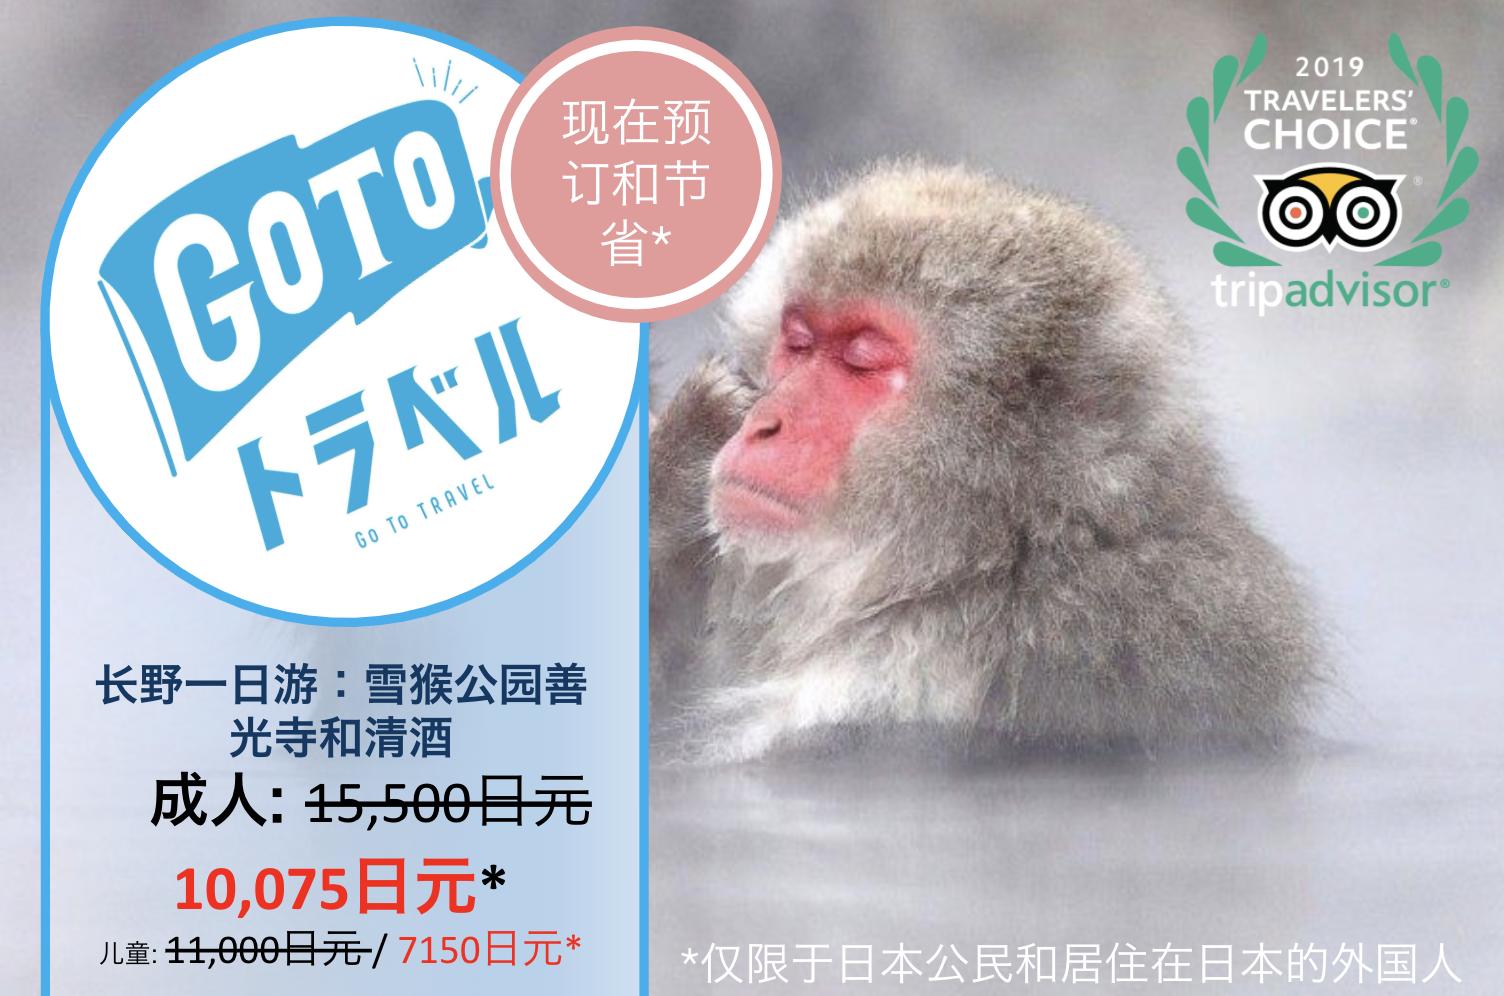 前往優惠活動:雪猴公園、善光寺和清酒之旅